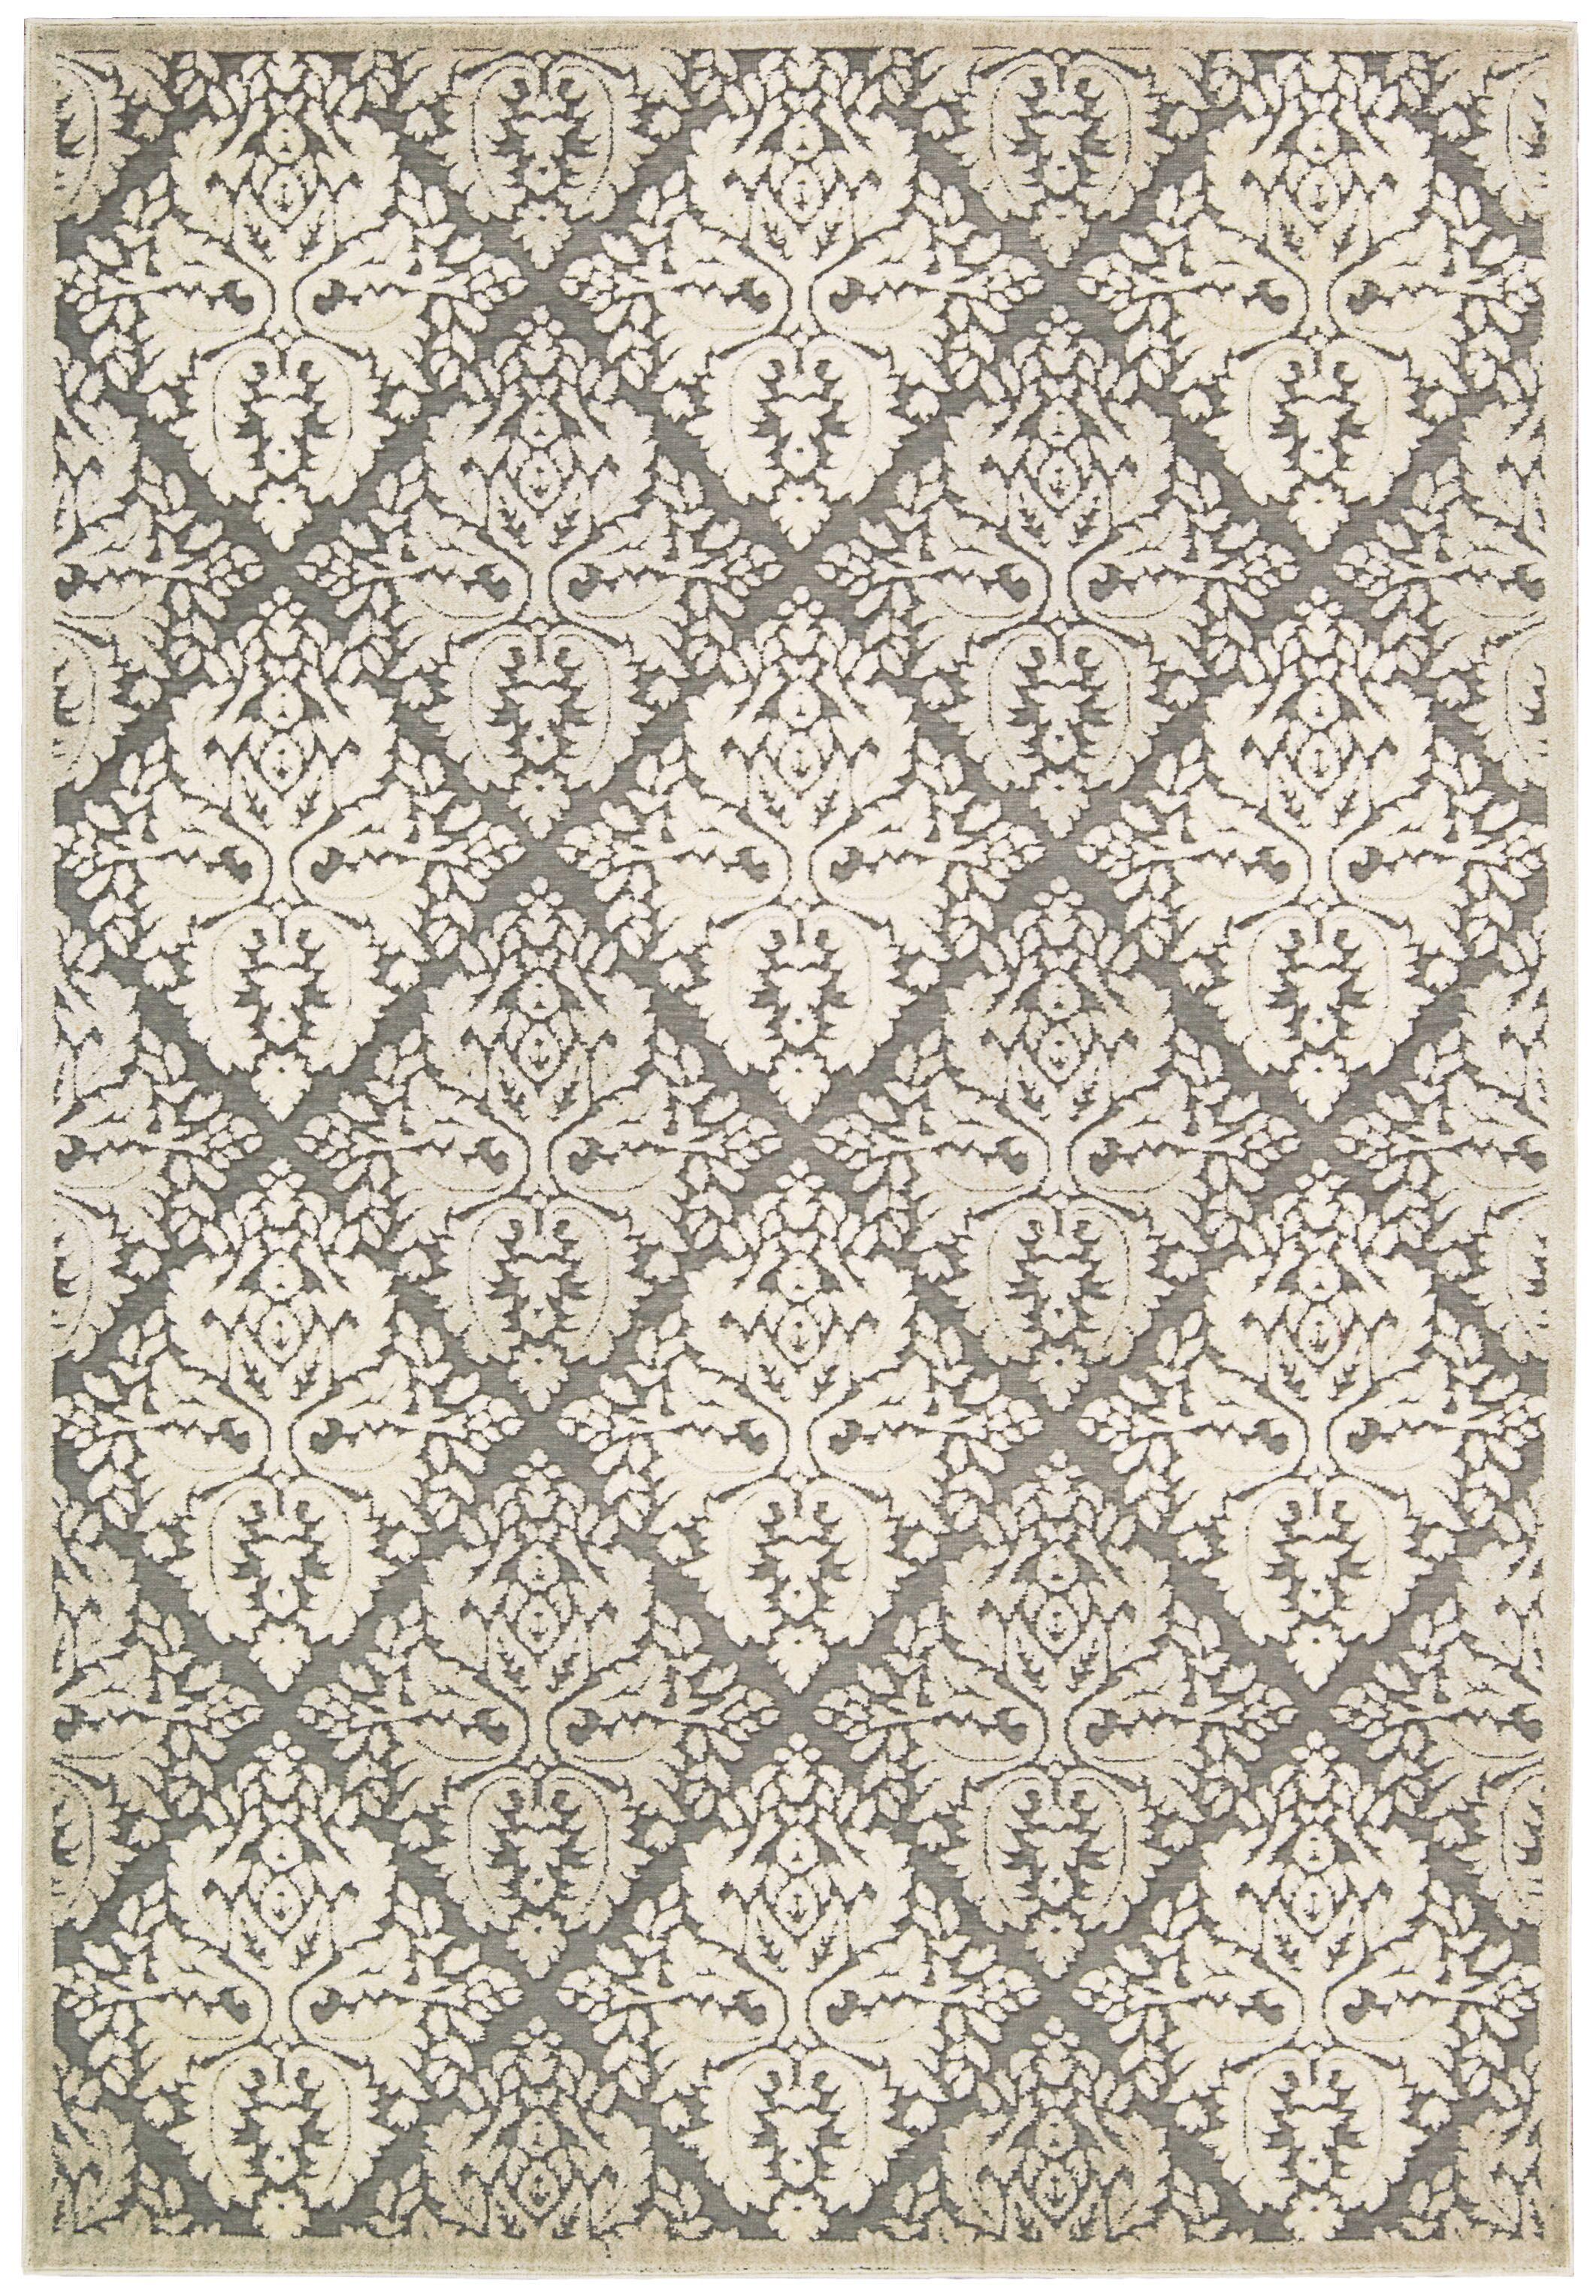 Talanna White Geometric Area Rug Rug Size: Rectangle 3'6